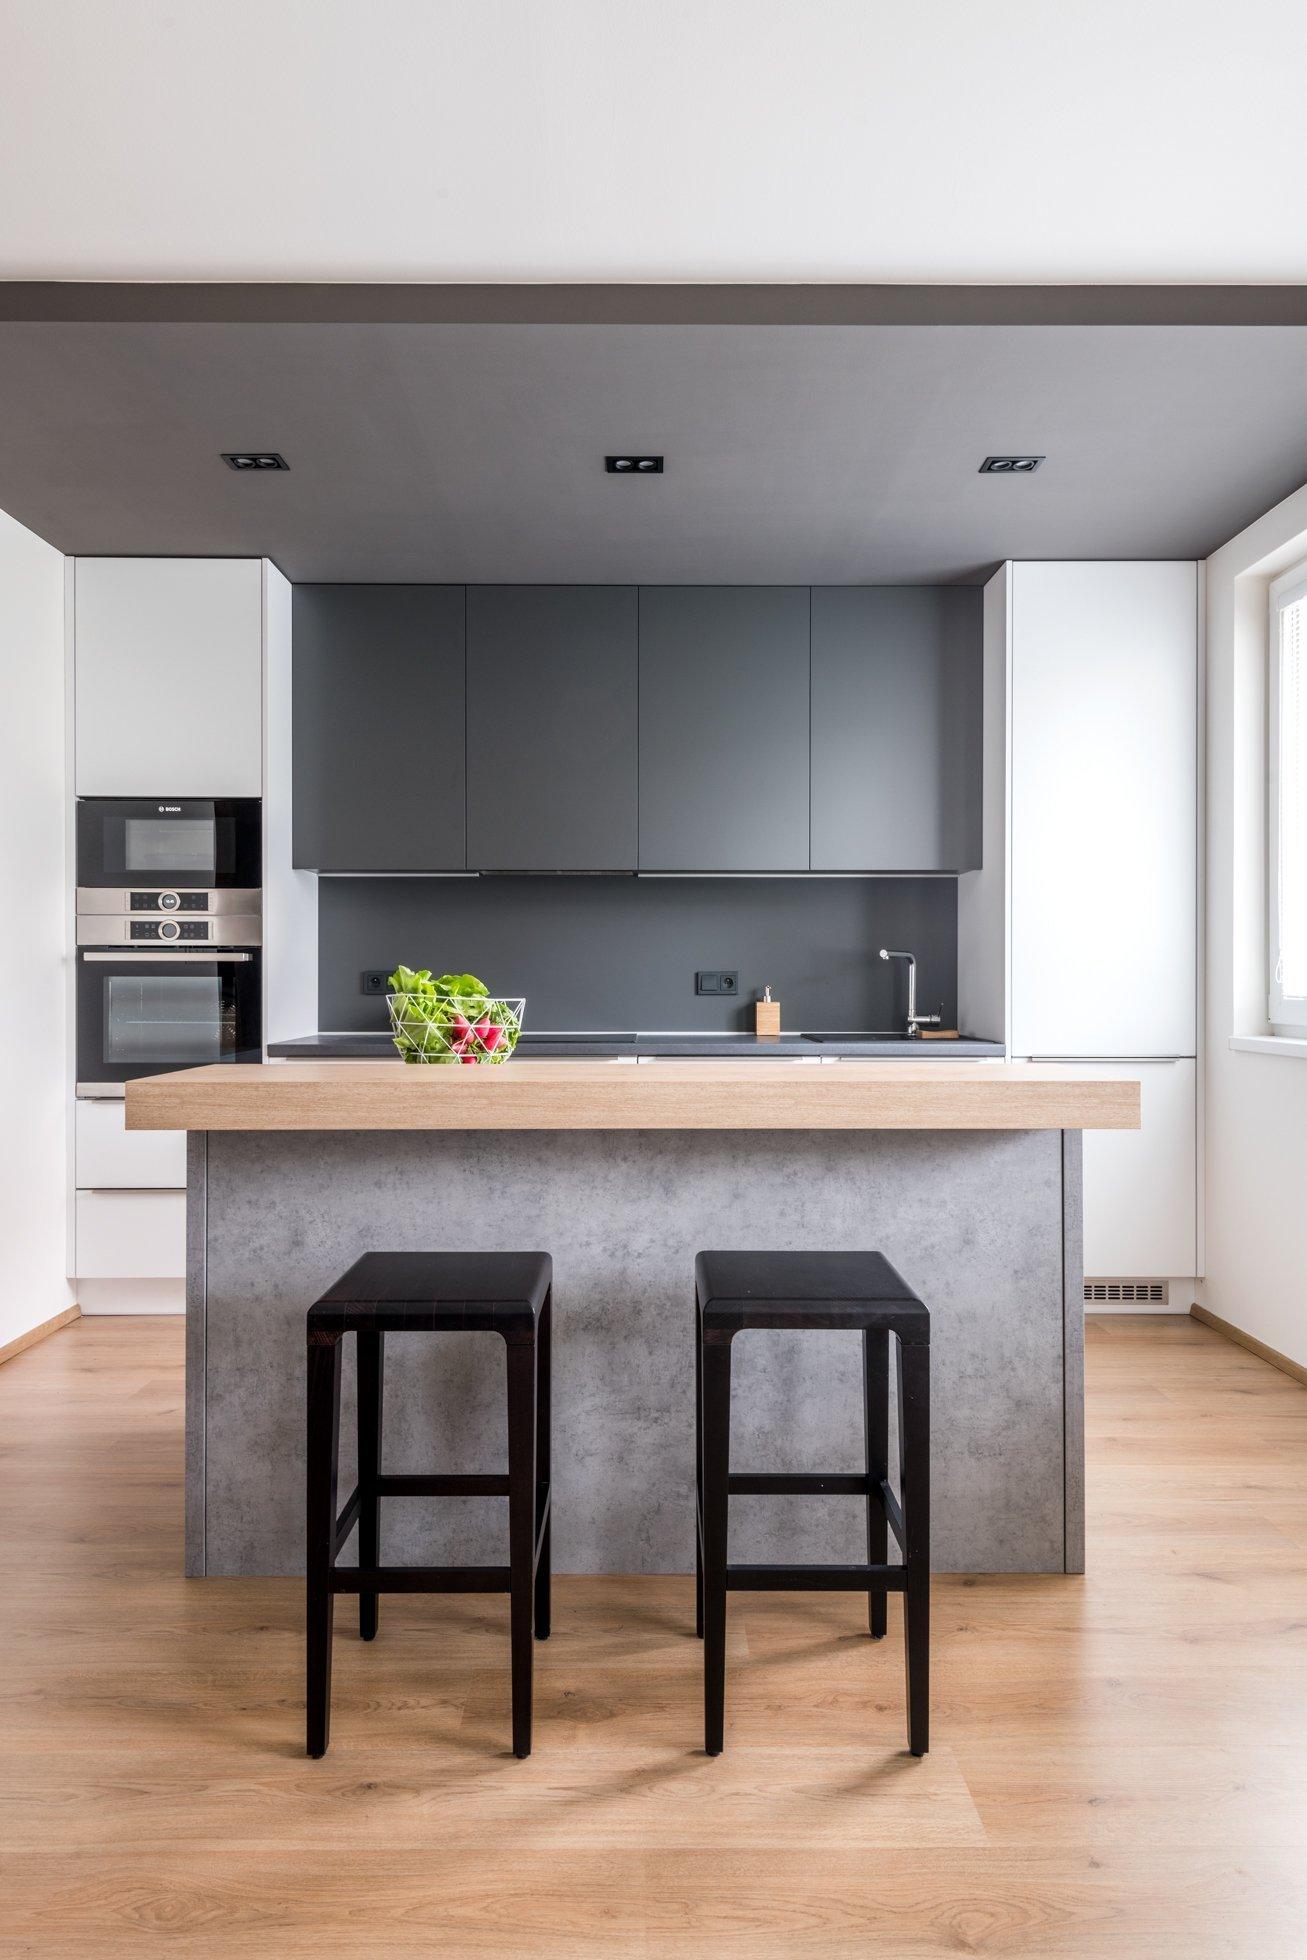 Moderní bytové interiéry se vposledních letech jednoznačně ubírají směrem kčistotě, jednoduchosti avzdušnosti. Moderní interiér bytu v…